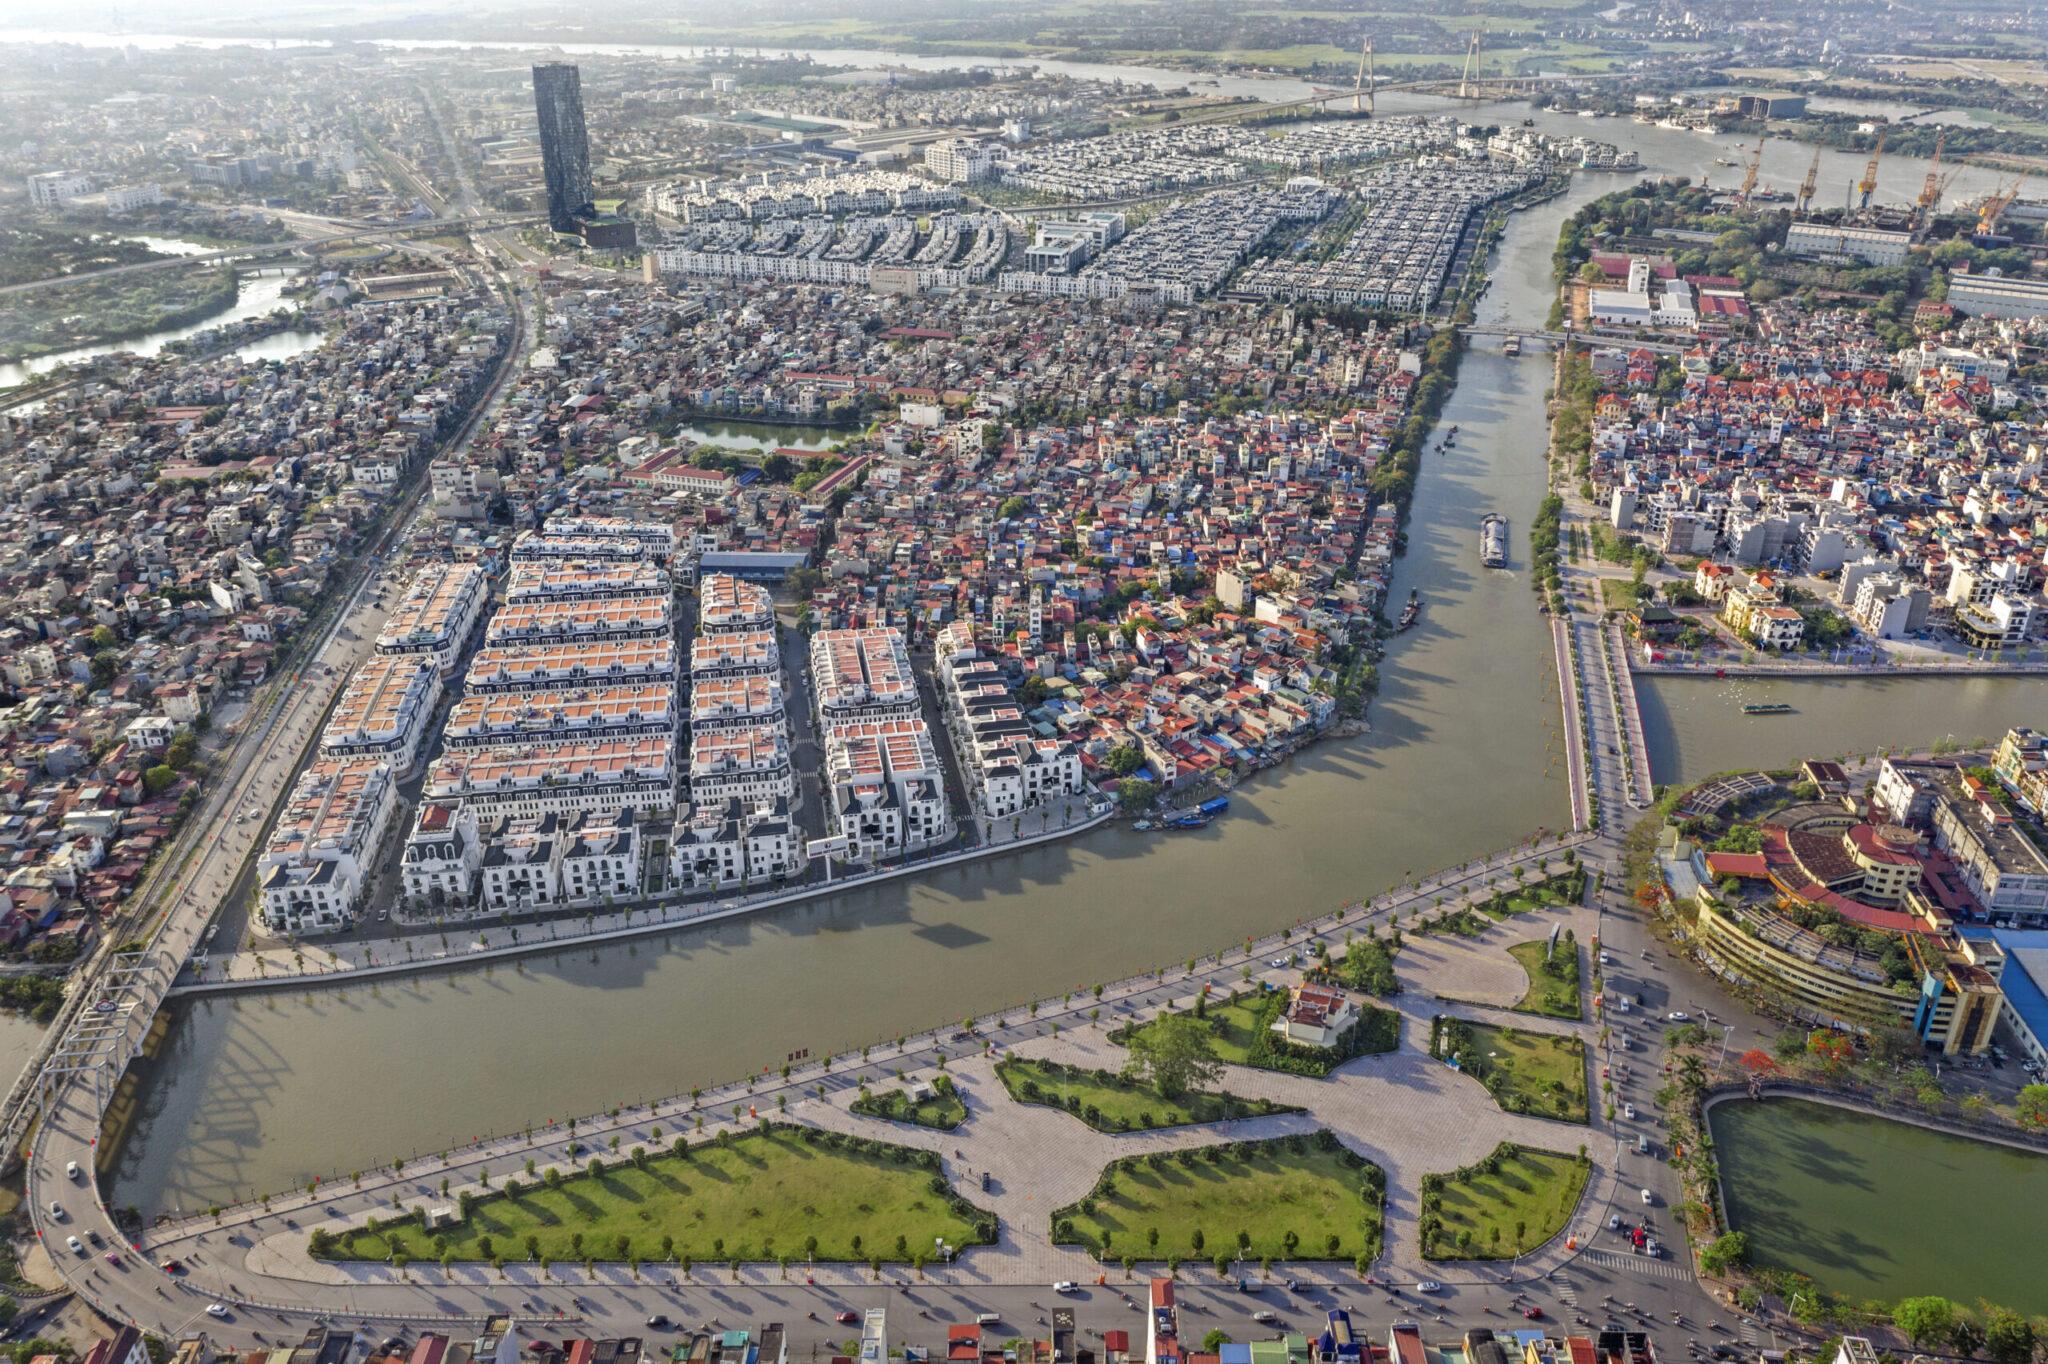 Hải Phòng đi theo hướng phát triển phân khúc nhà phố, chung cư… hướng tới nhu cầu tiêu dùng thật tại địa phương